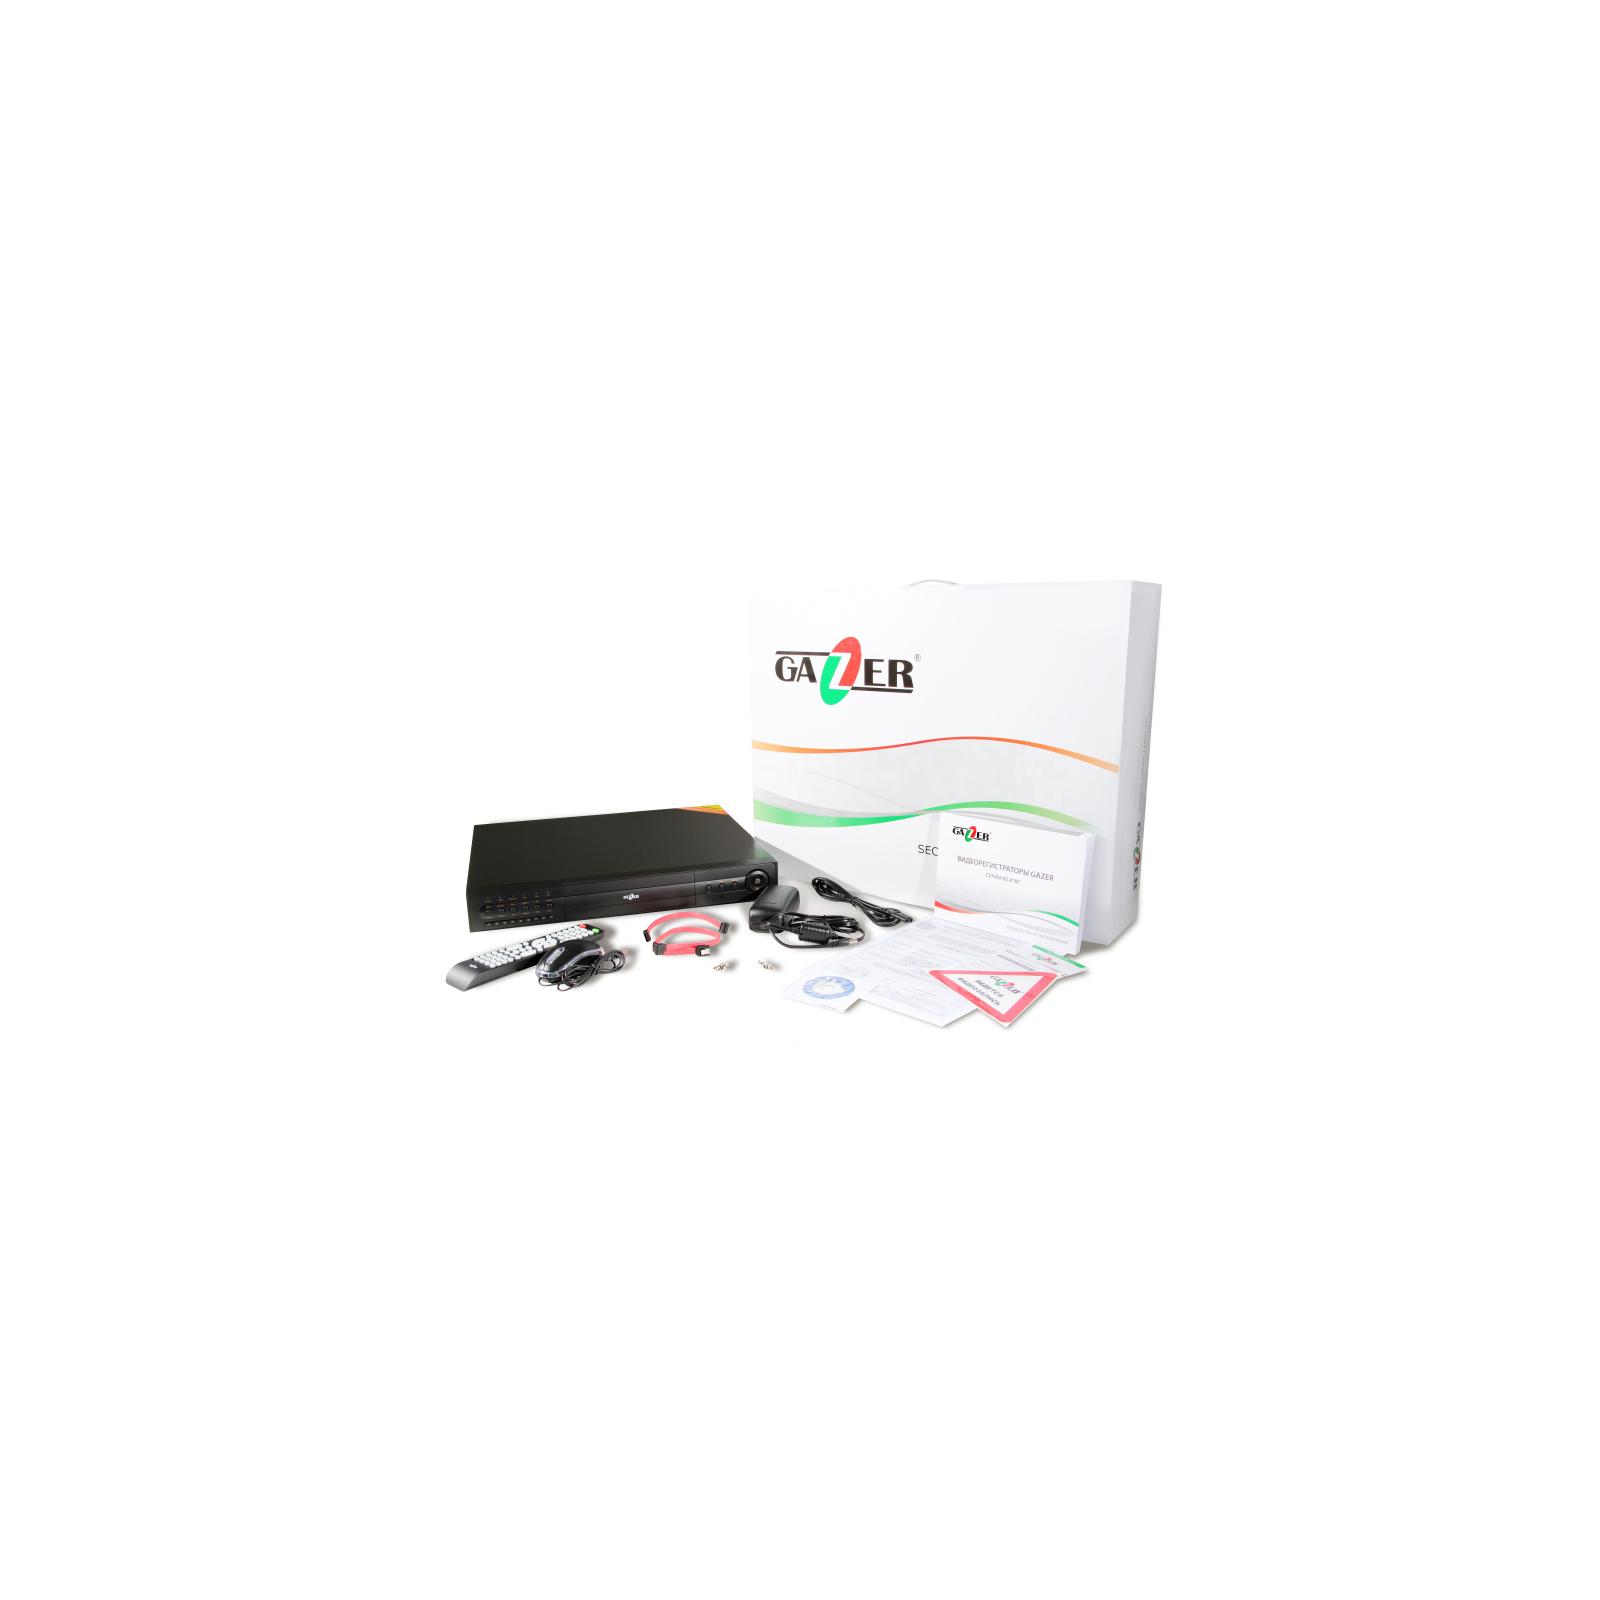 Регистратор для видеонаблюдения Gazer NS216r изображение 10